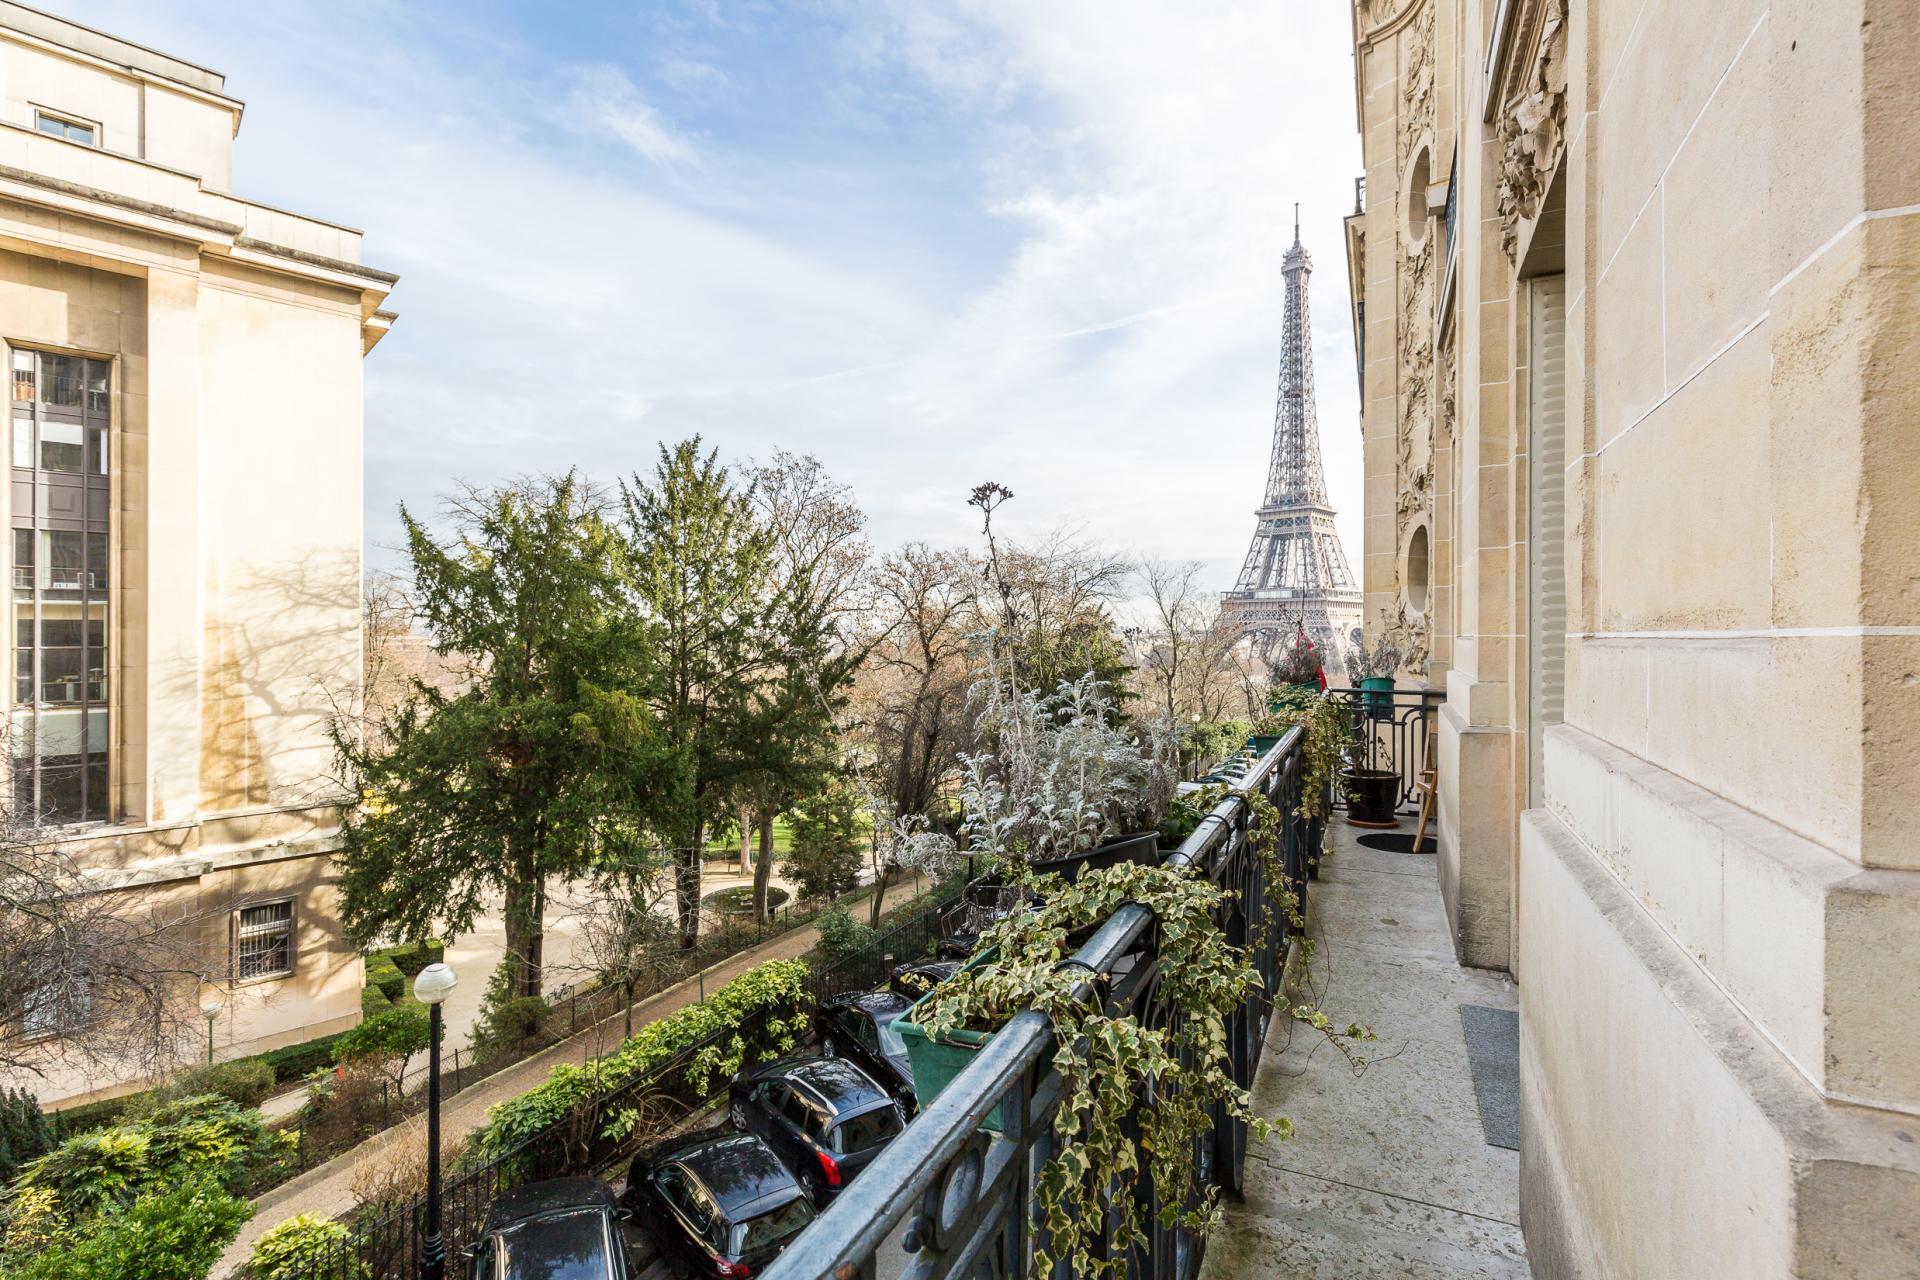 PARIS 16EME - RUE LE TASSE - EXCEPTIONNEL APPARTEMENT VUE TOUR EIFFEL